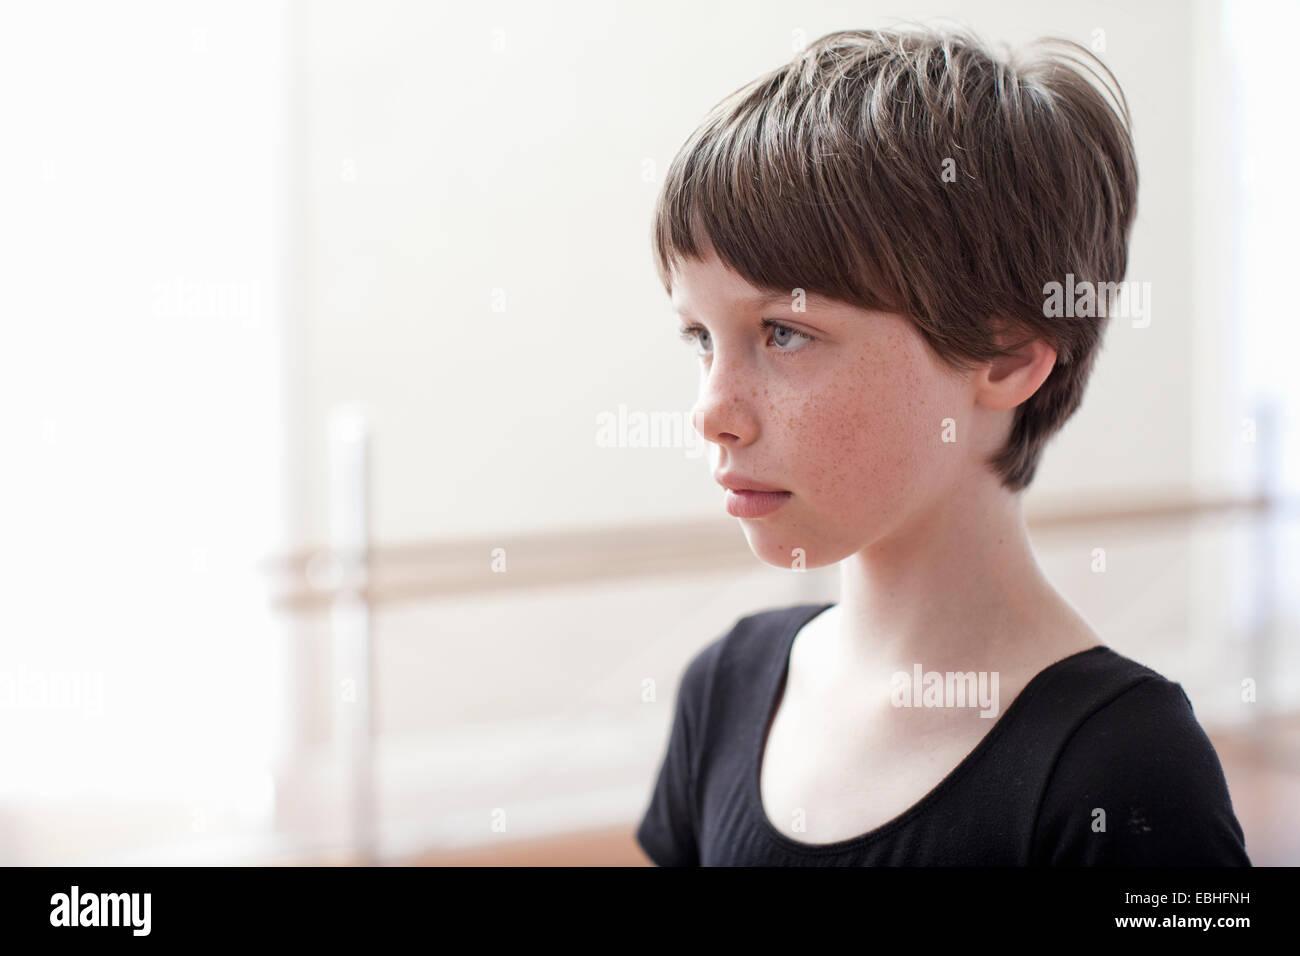 Ritratto di sullen girl nella scuola di danza Immagini Stock